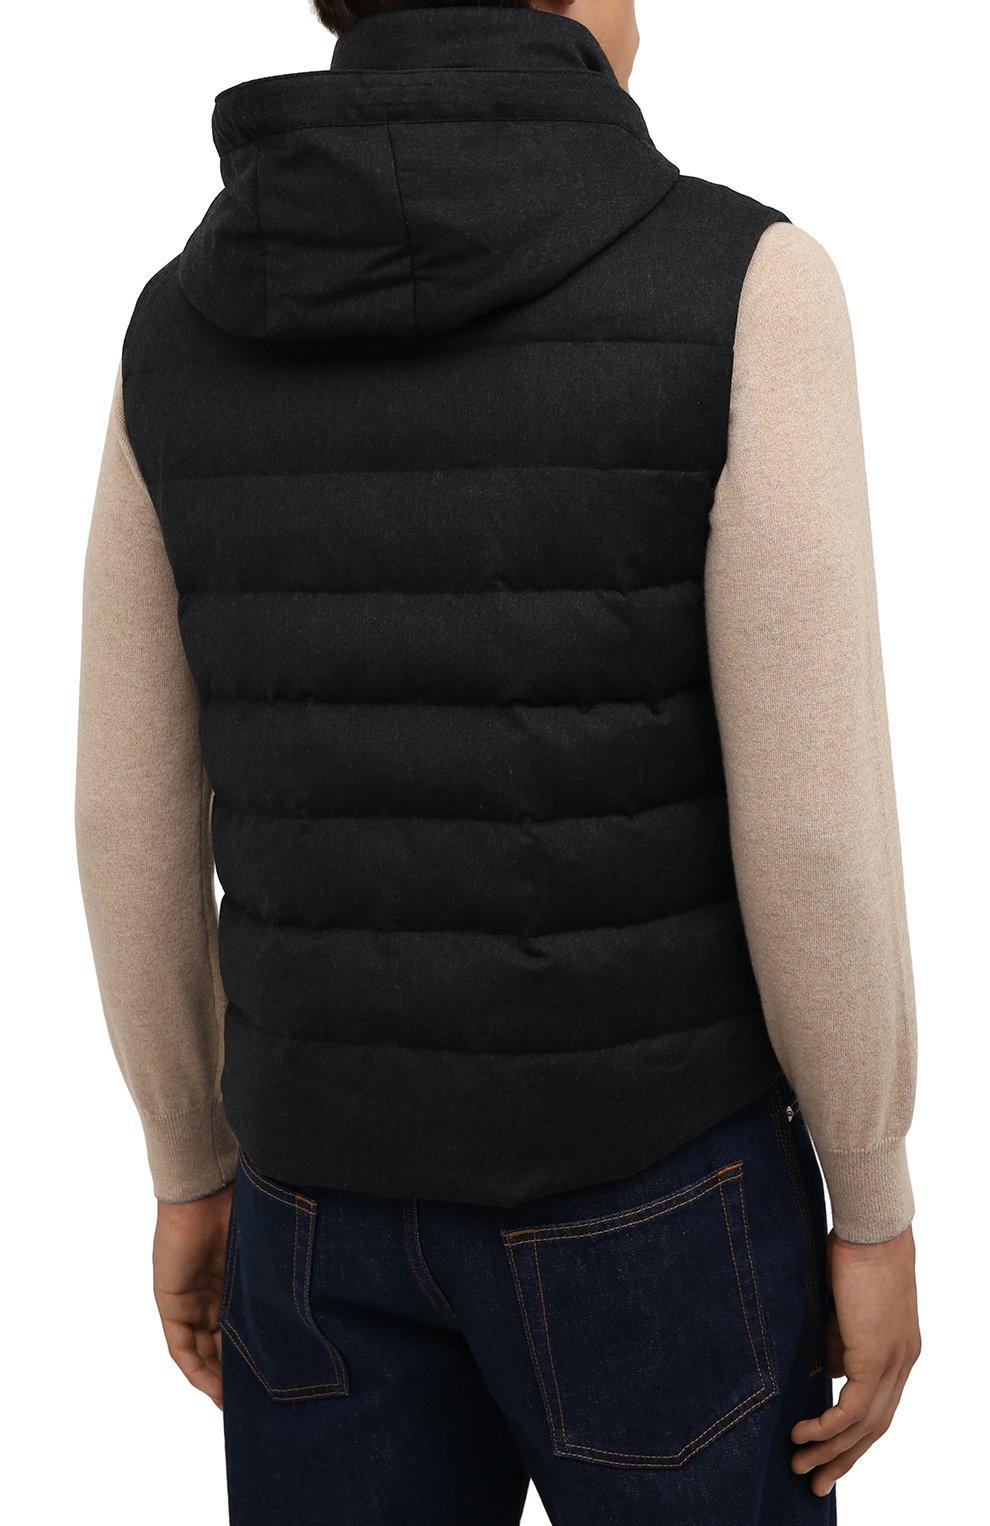 Мужской пуховый жилет KIRED темно-серого цвета, арт. WKISHBW7405003000 | Фото 4 (Кросс-КТ: Куртка, Пуховик; Материал внешний: Шерсть; Материал подклада: Синтетический материал; Длина (верхняя одежда): Короткие; Материал утеплителя: Пух и перо; Стили: Кэжуэл)